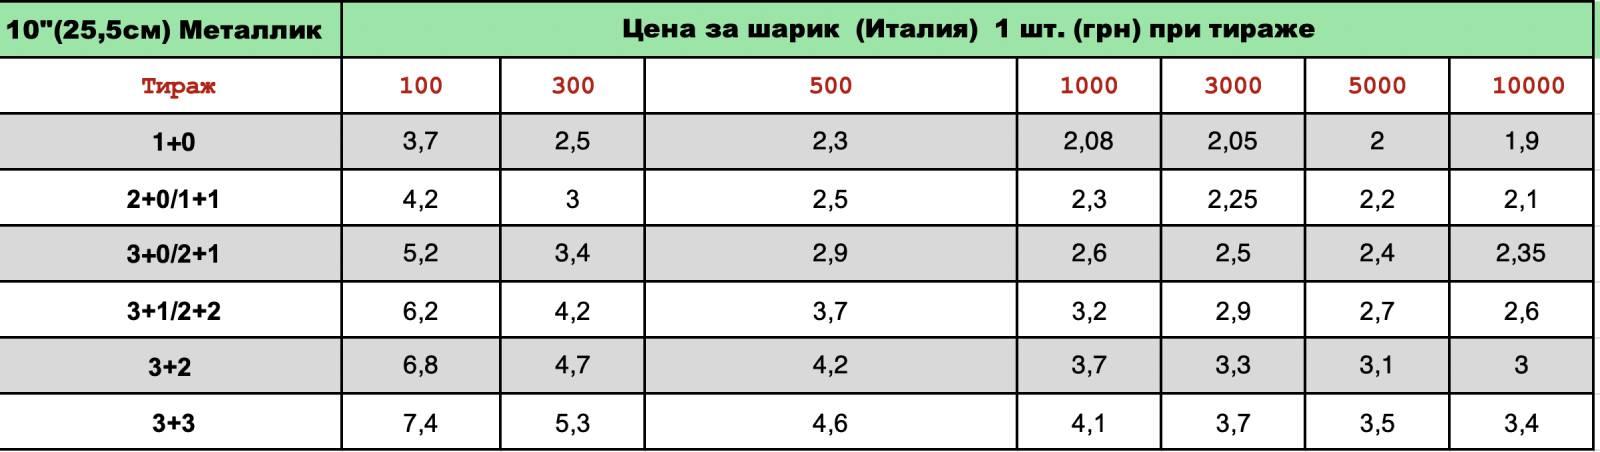 Печать на шарах Gemar 10 металлик цена